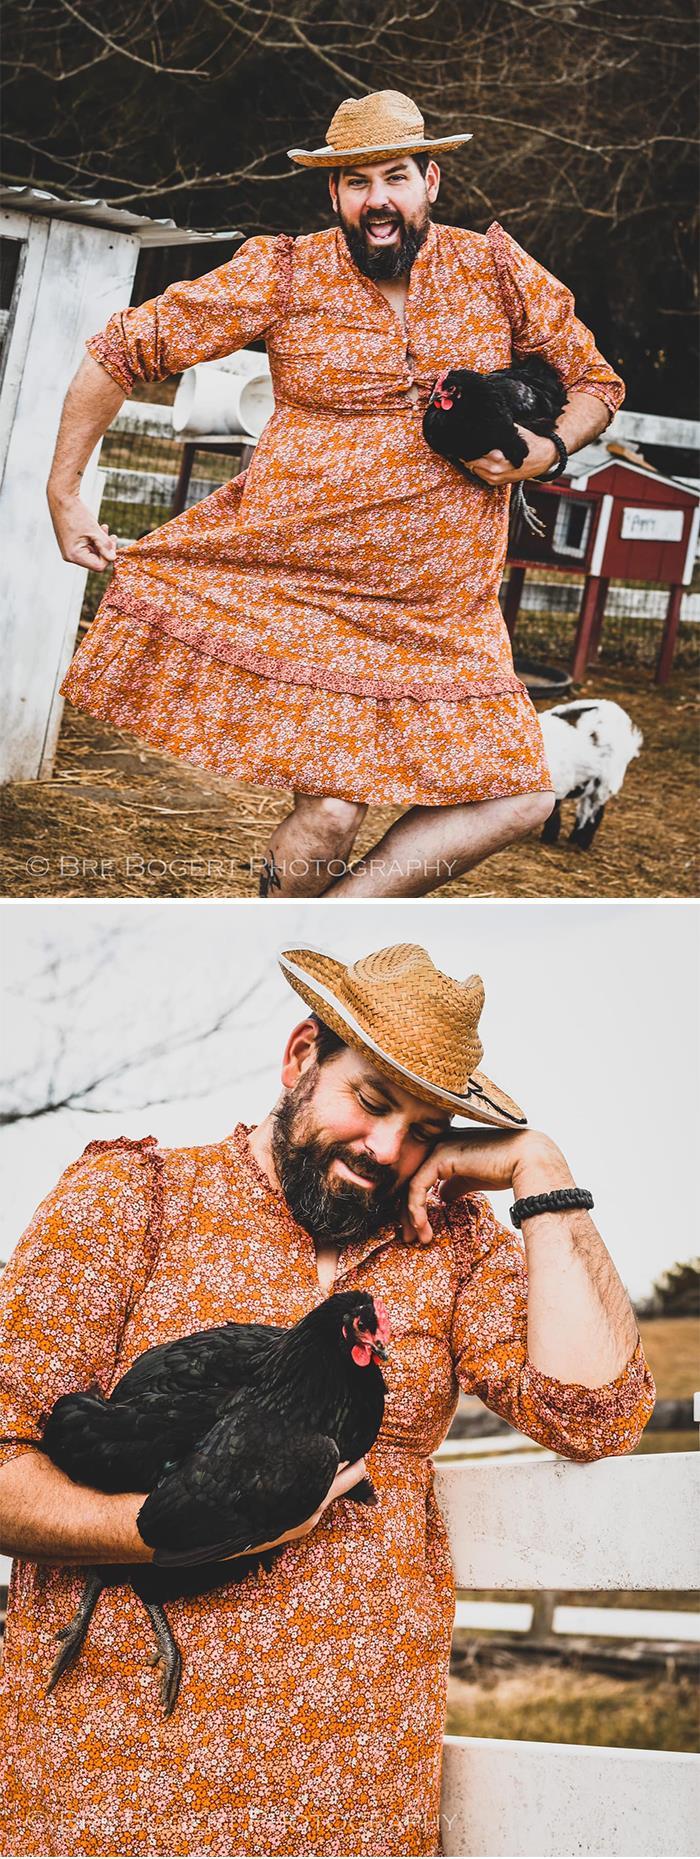 """De mi marido Matt, """"Hemos estado viendo estas divertidas fotos del reto del vestido de Target, y ella me echó esa mirada"""""""